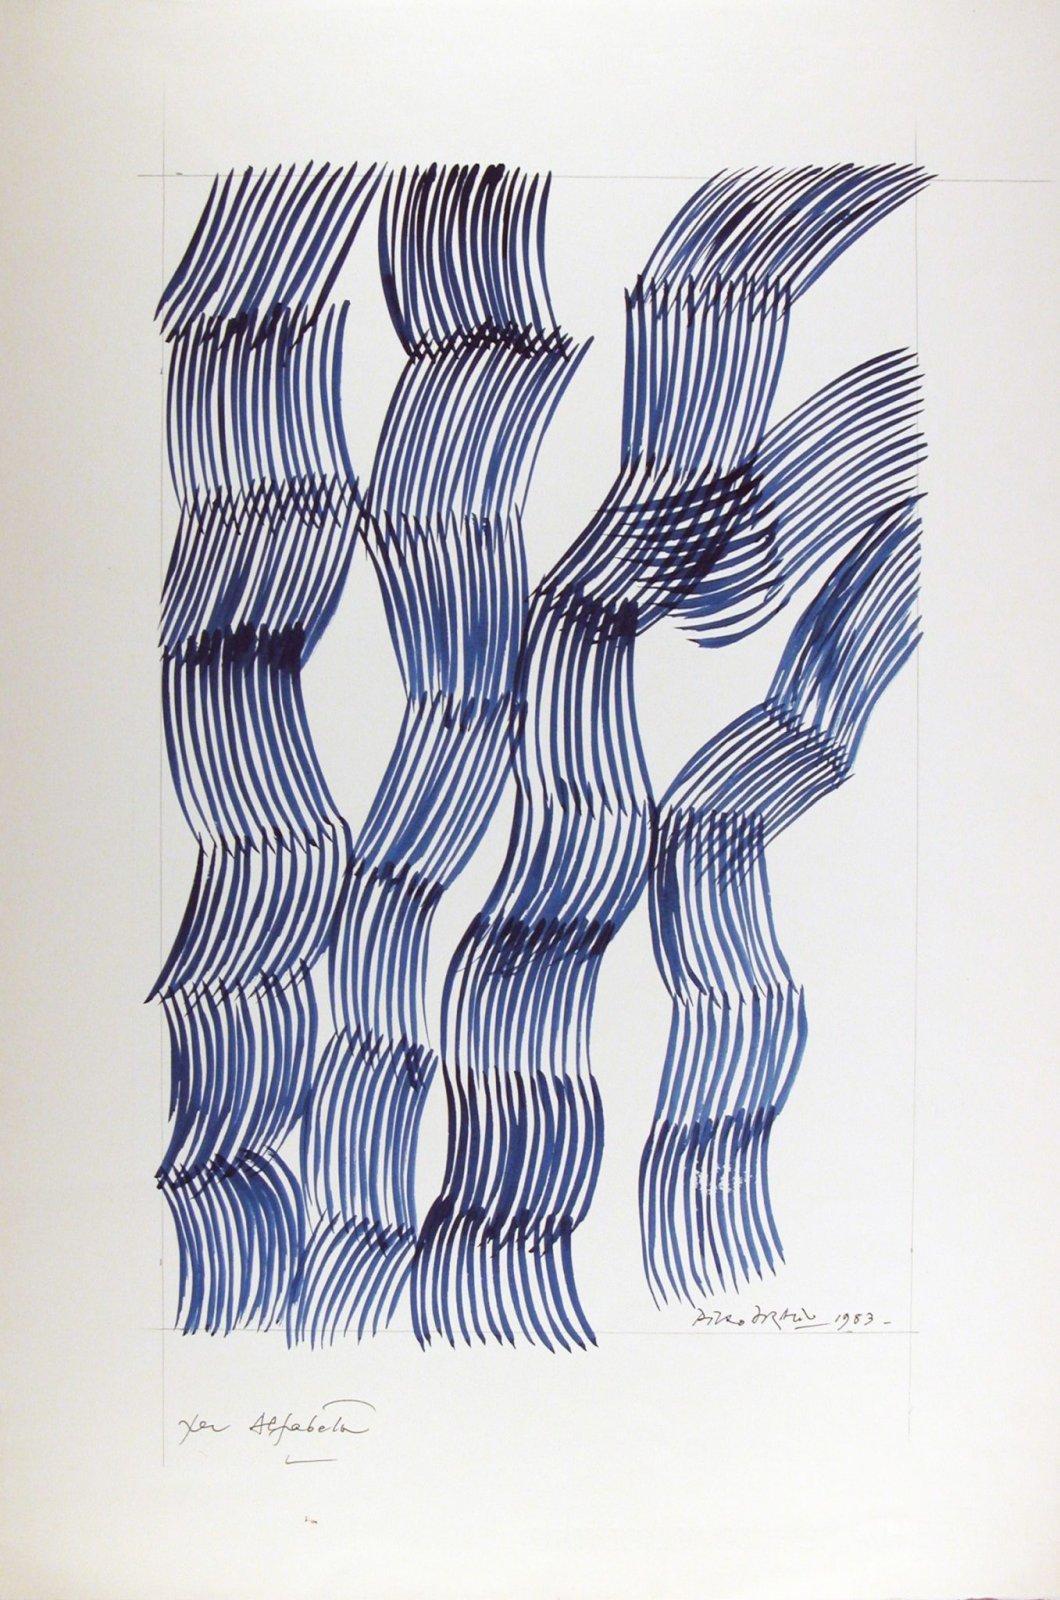 Piero Dorazio, Senza titolo, 1983, inchiostro su cartoncino, 565 x 439 mm, Collezione Galleria Civica di Modena